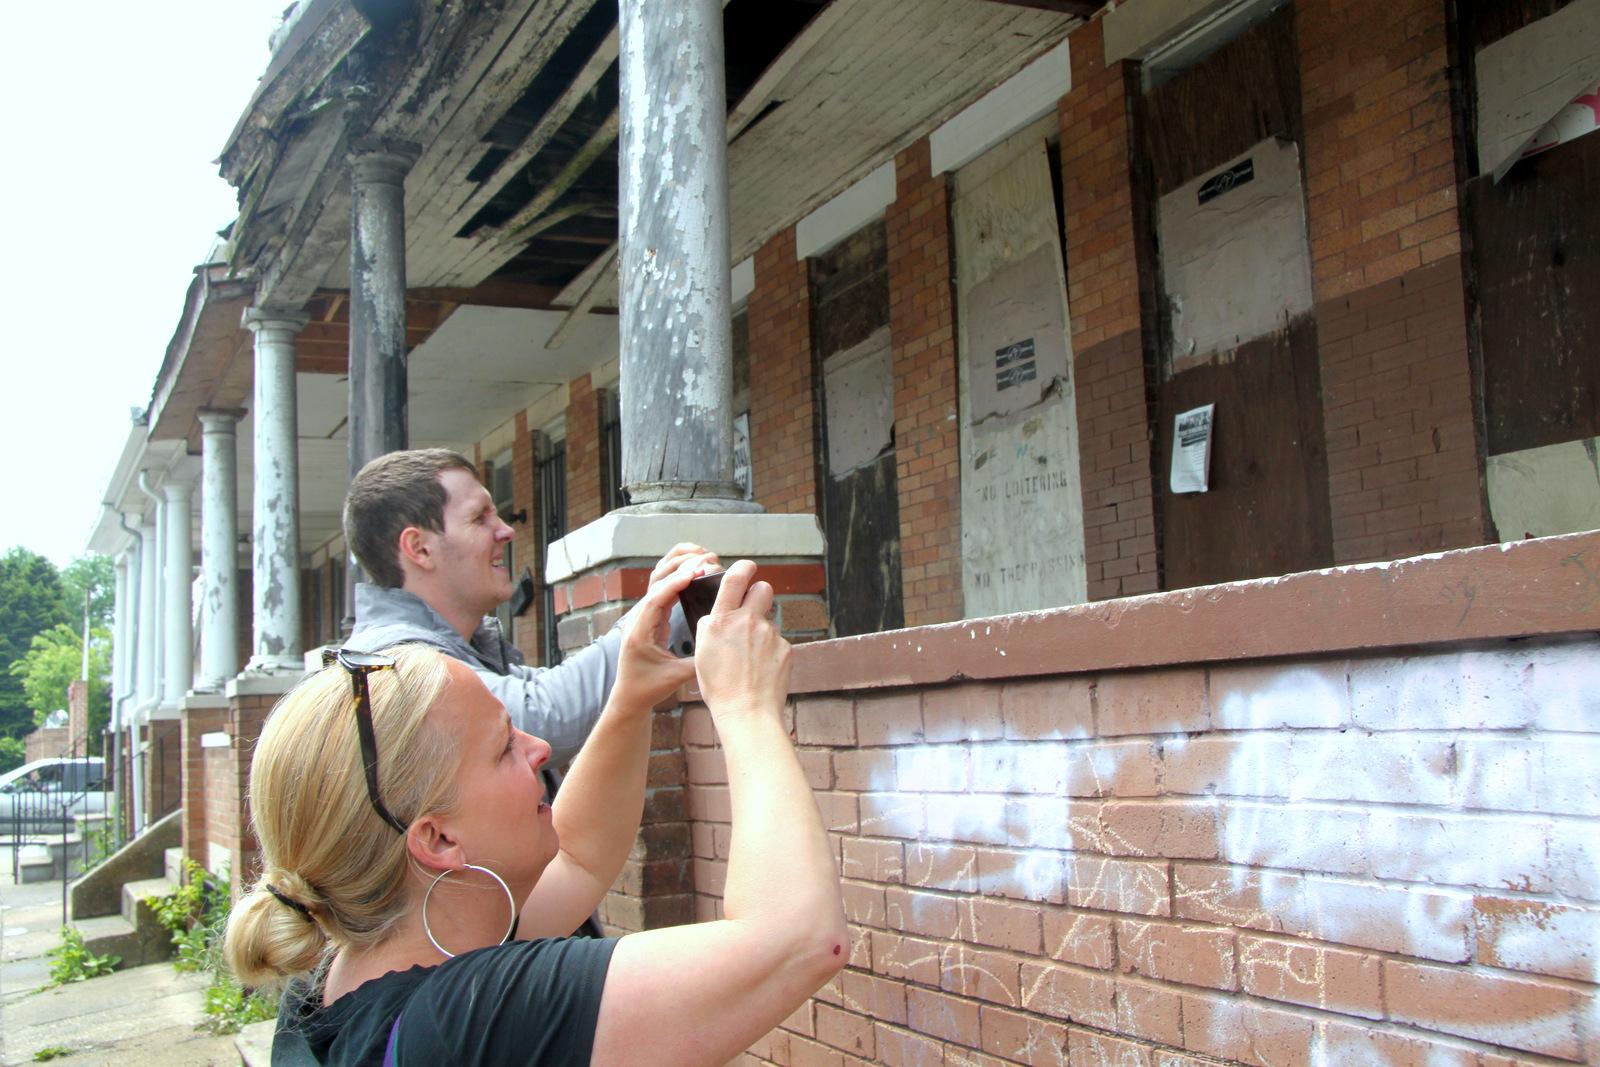 Carol Ott at work with street artist Nether in Northwest Baltimore. (Photo by Fern Shen)